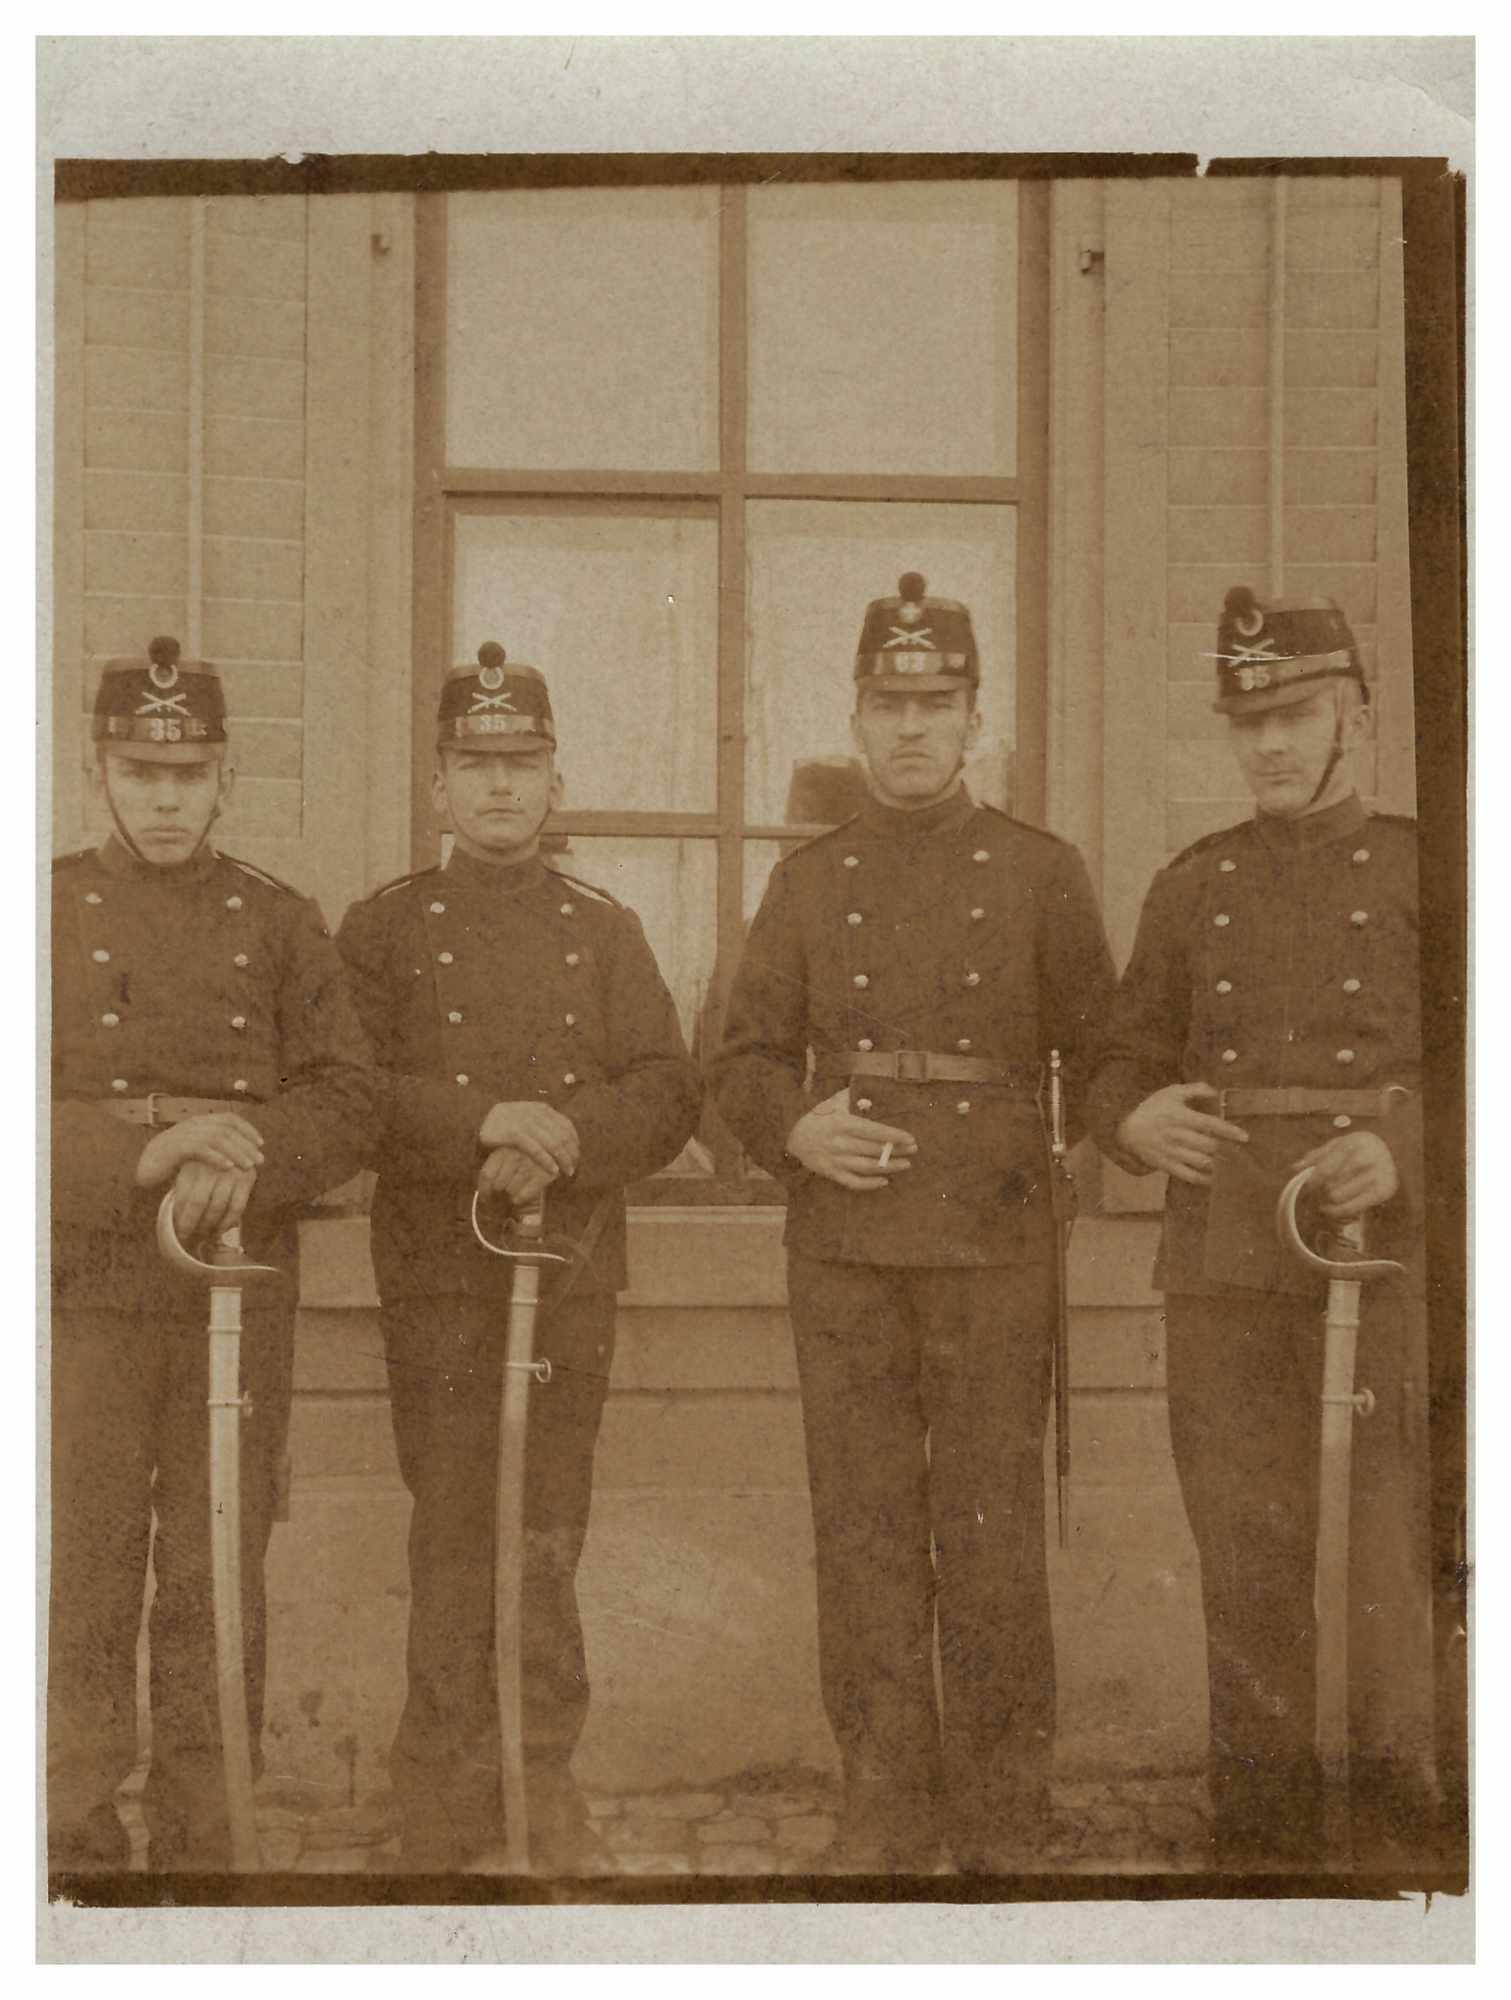 Bild: Guppenfoto mit uniformierten unbekannten Personen